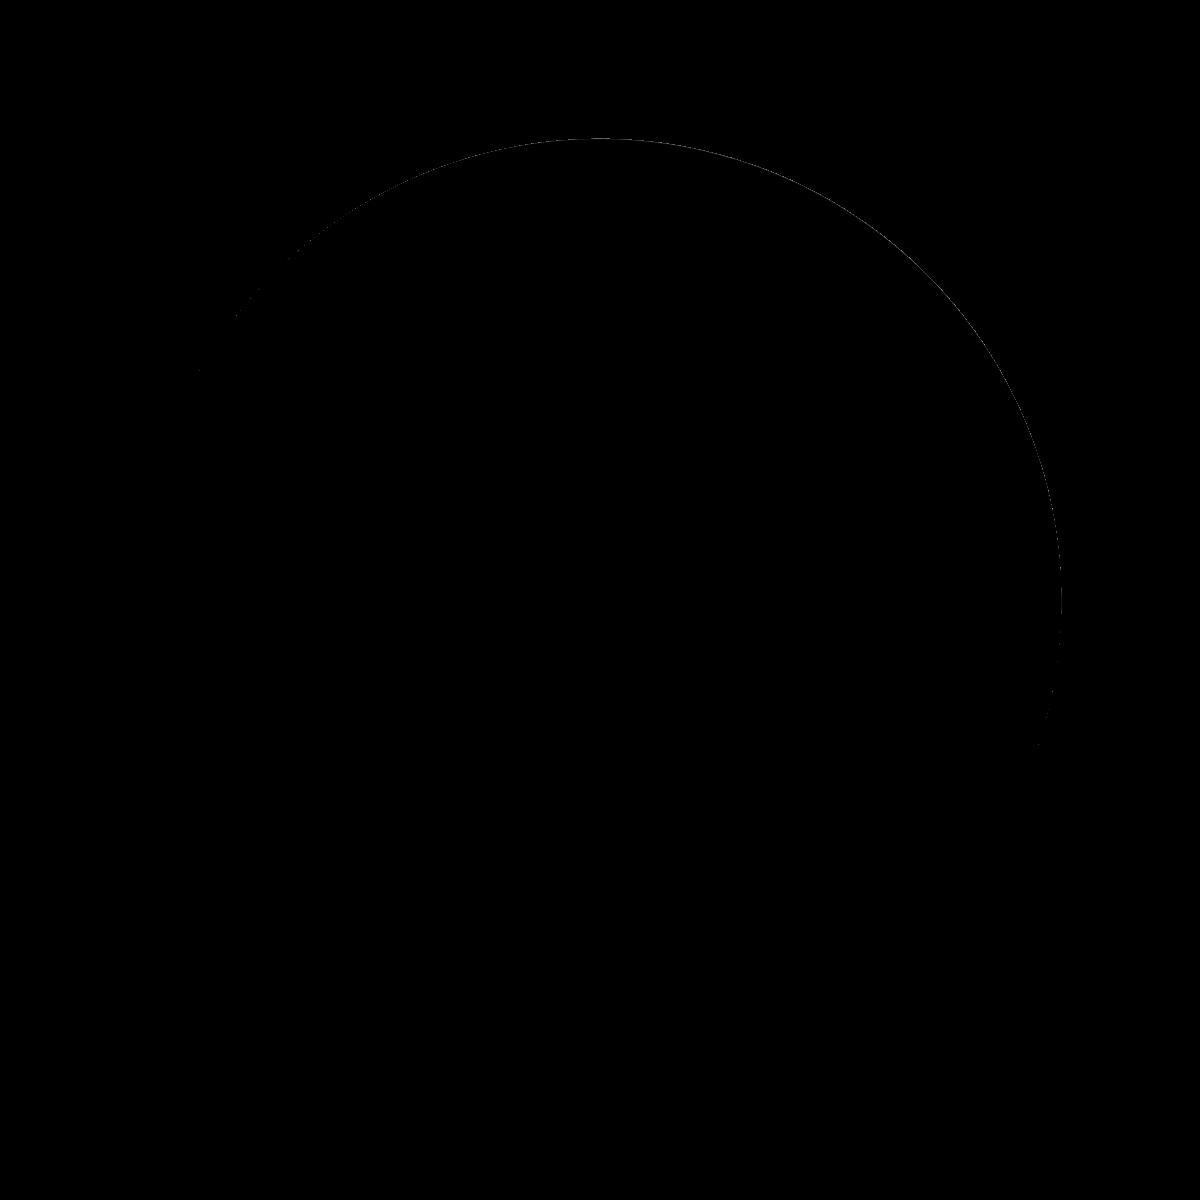 Lune du 5 mai 2019